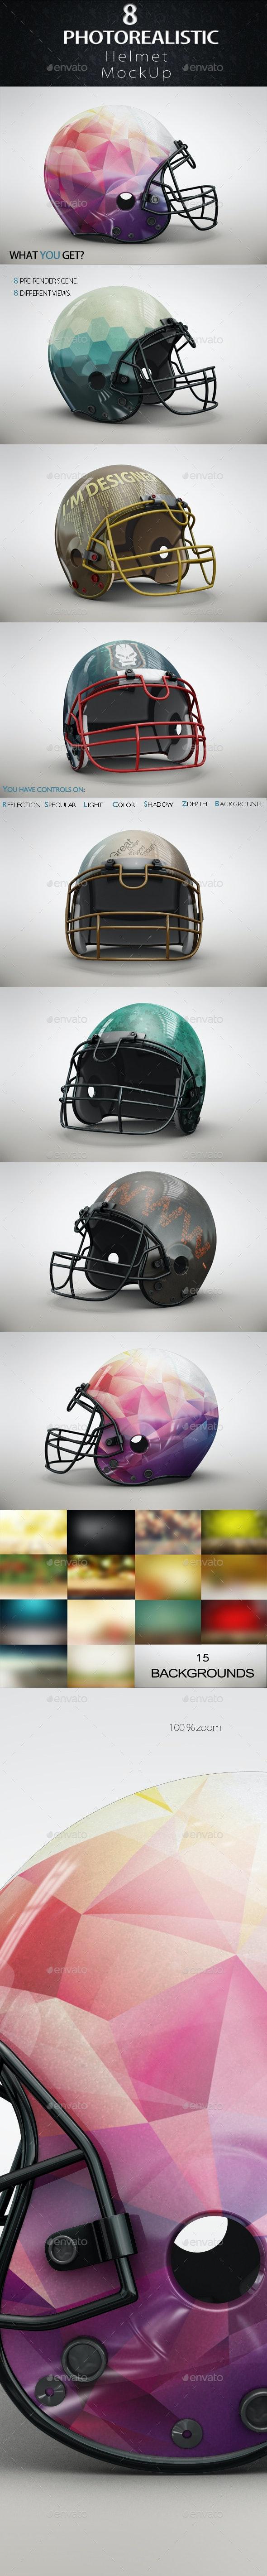 Football Helmet MockUp - Product Mock-Ups Graphics